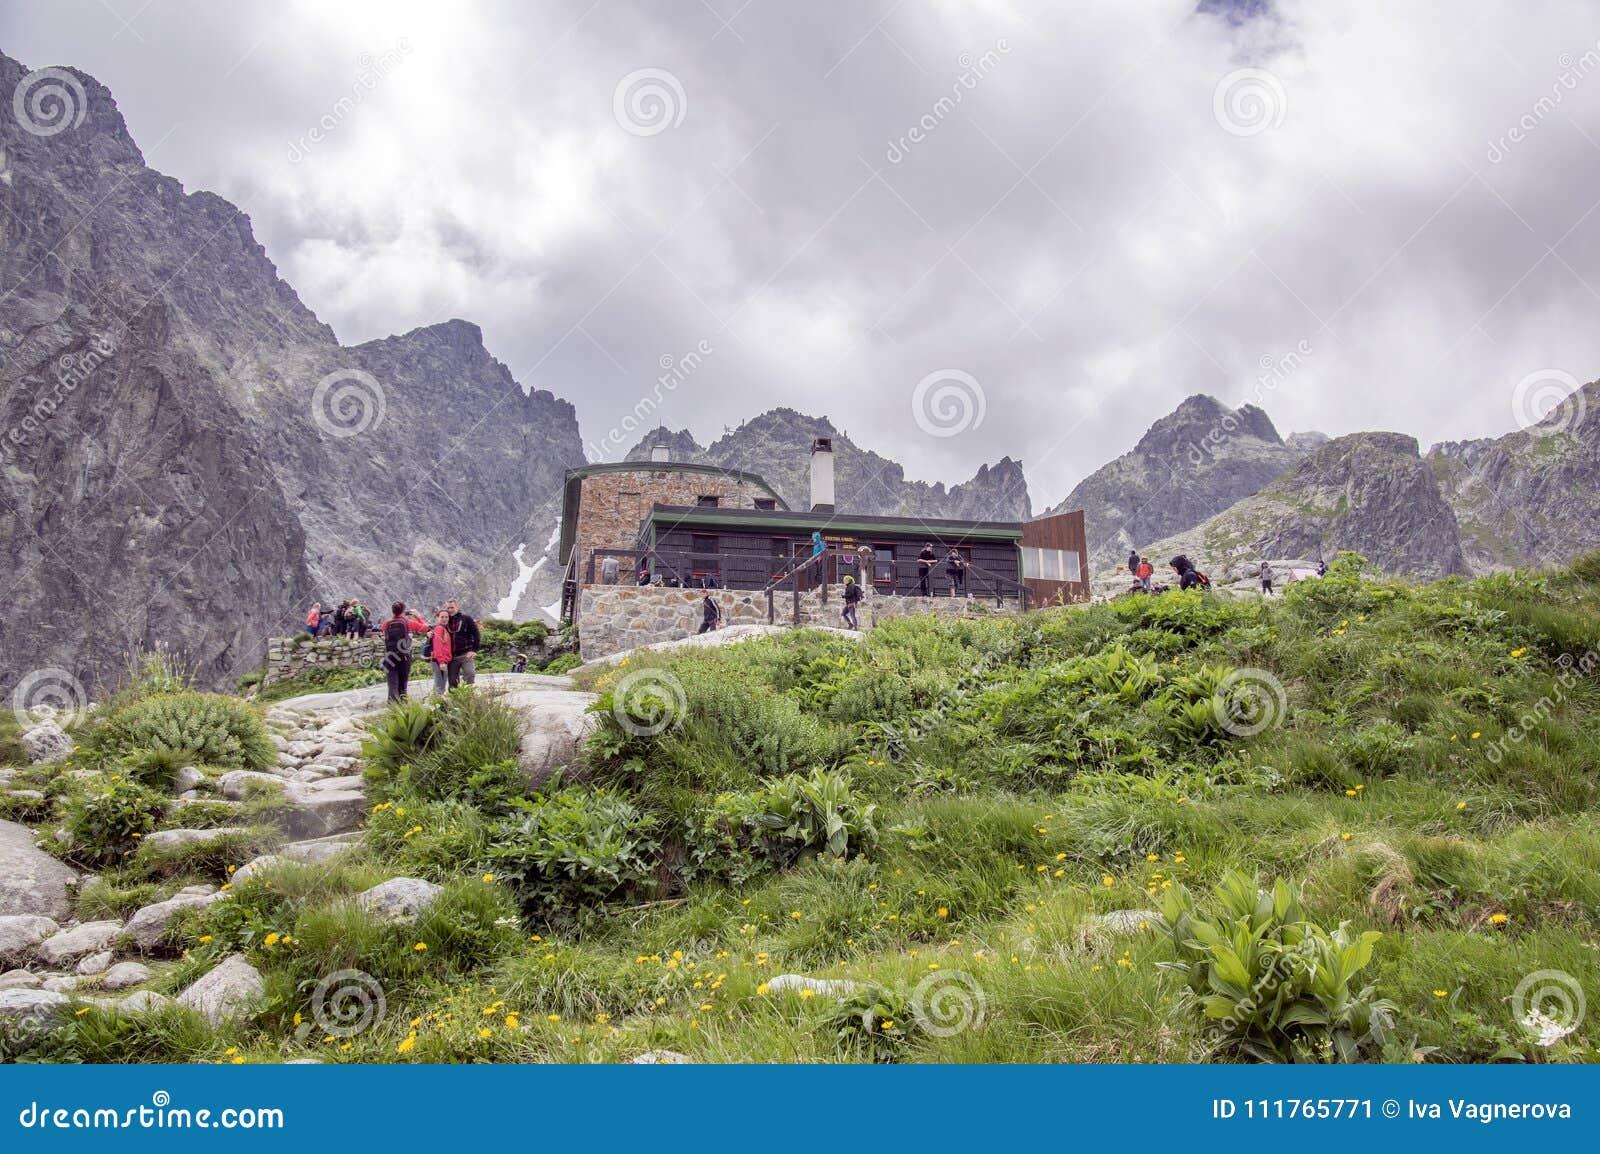 6-ое июля 2017, туристы в национальном dolina Studena заповедника перед коттеджем Tery, горы Словакии самые высокие